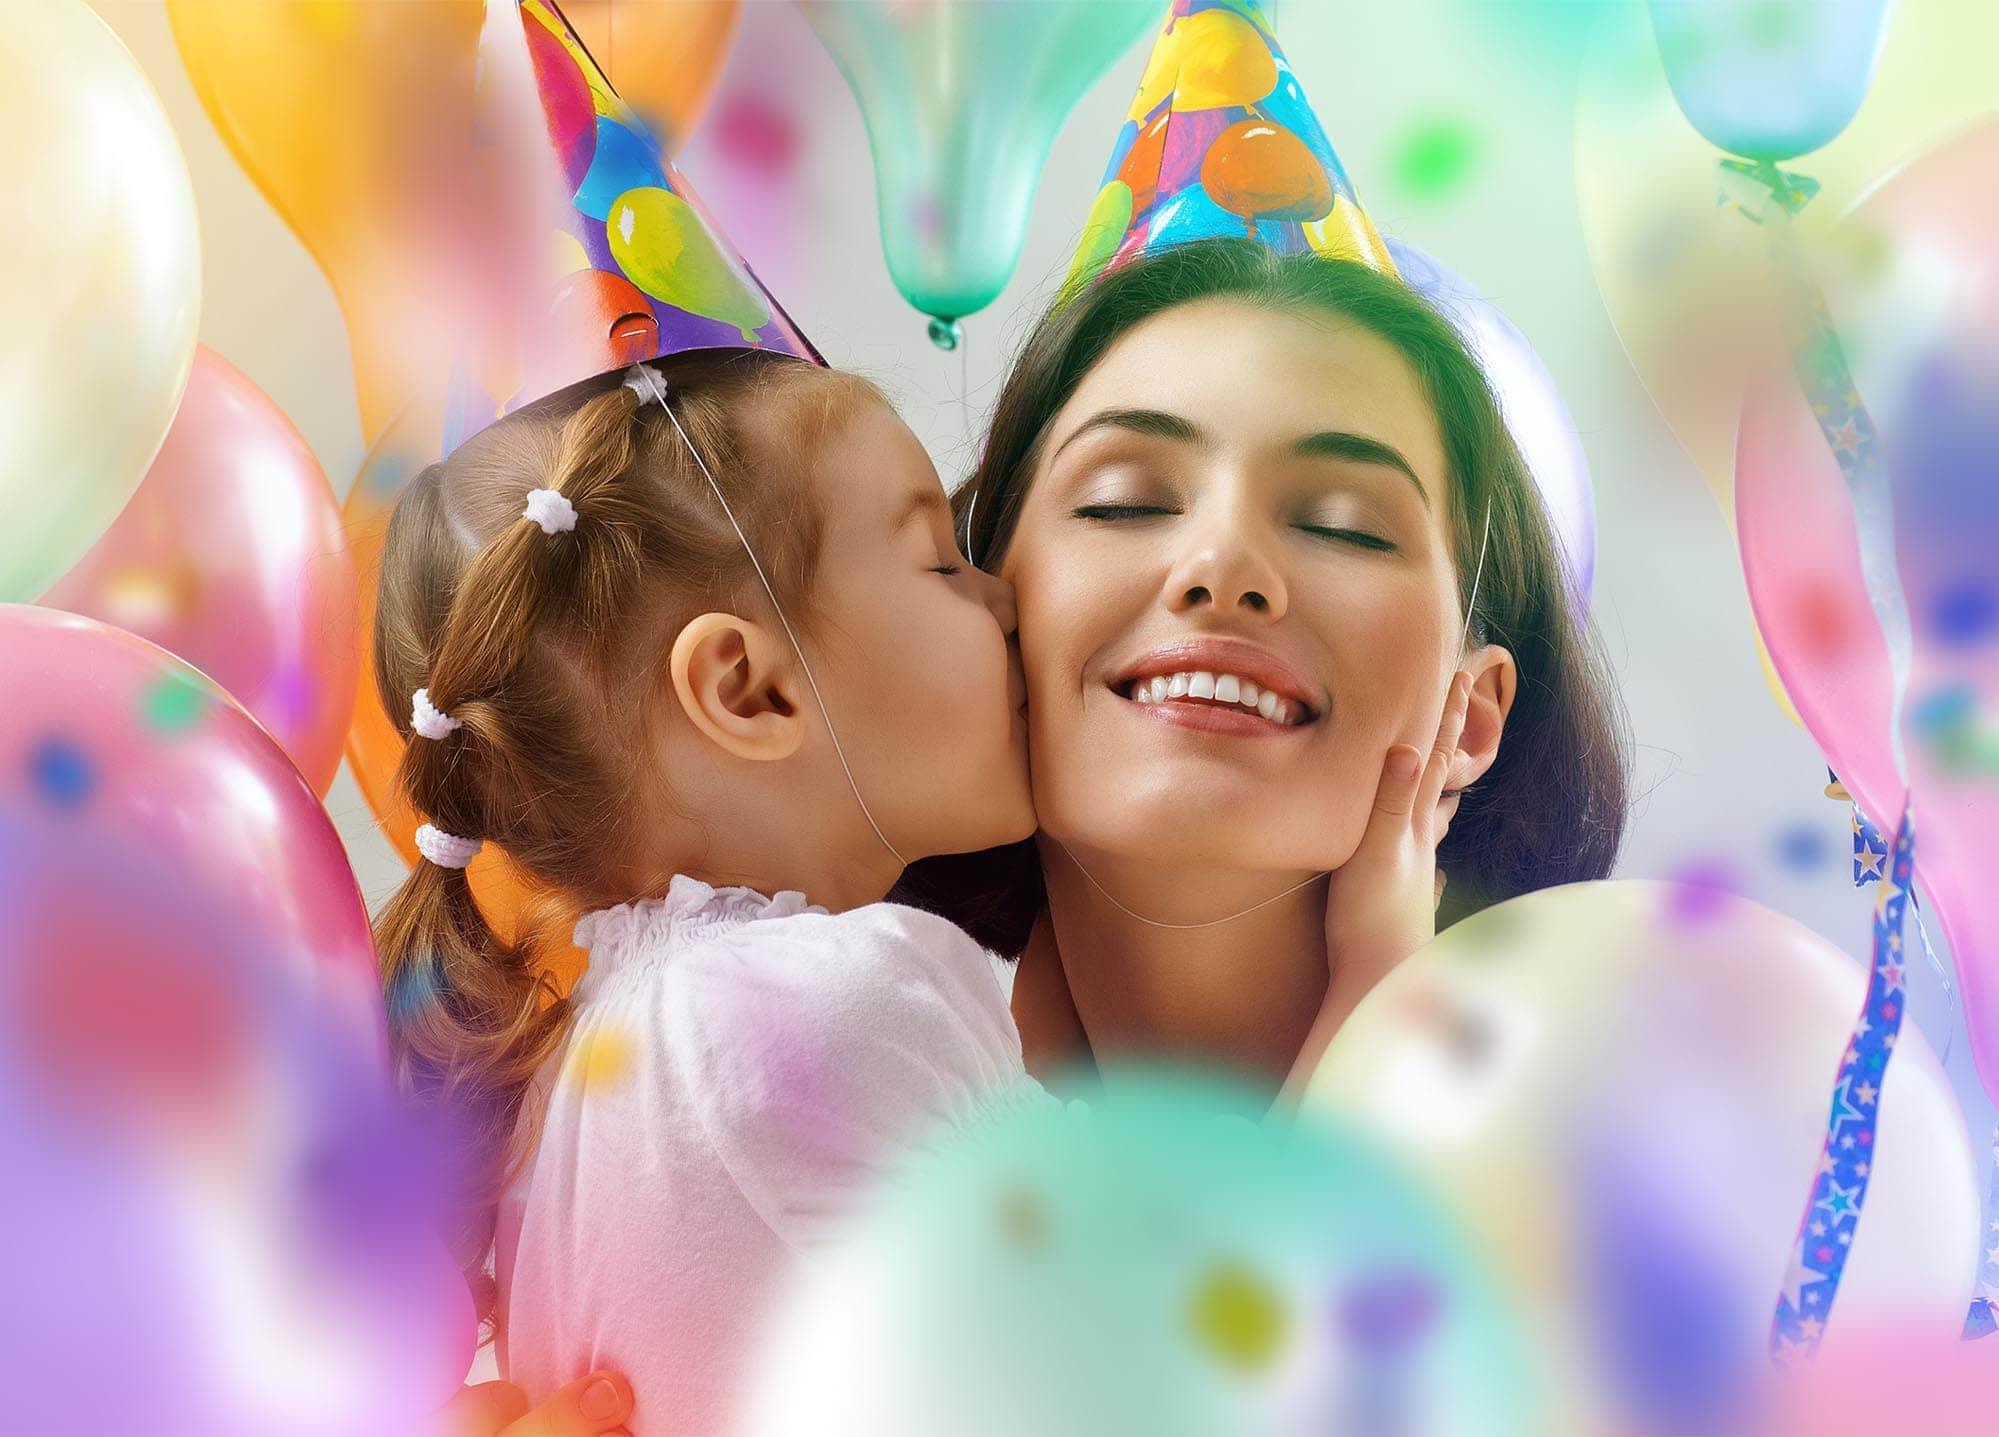 articoli-per-feste-addobbi-compleanno-padova-vicenza-venezia